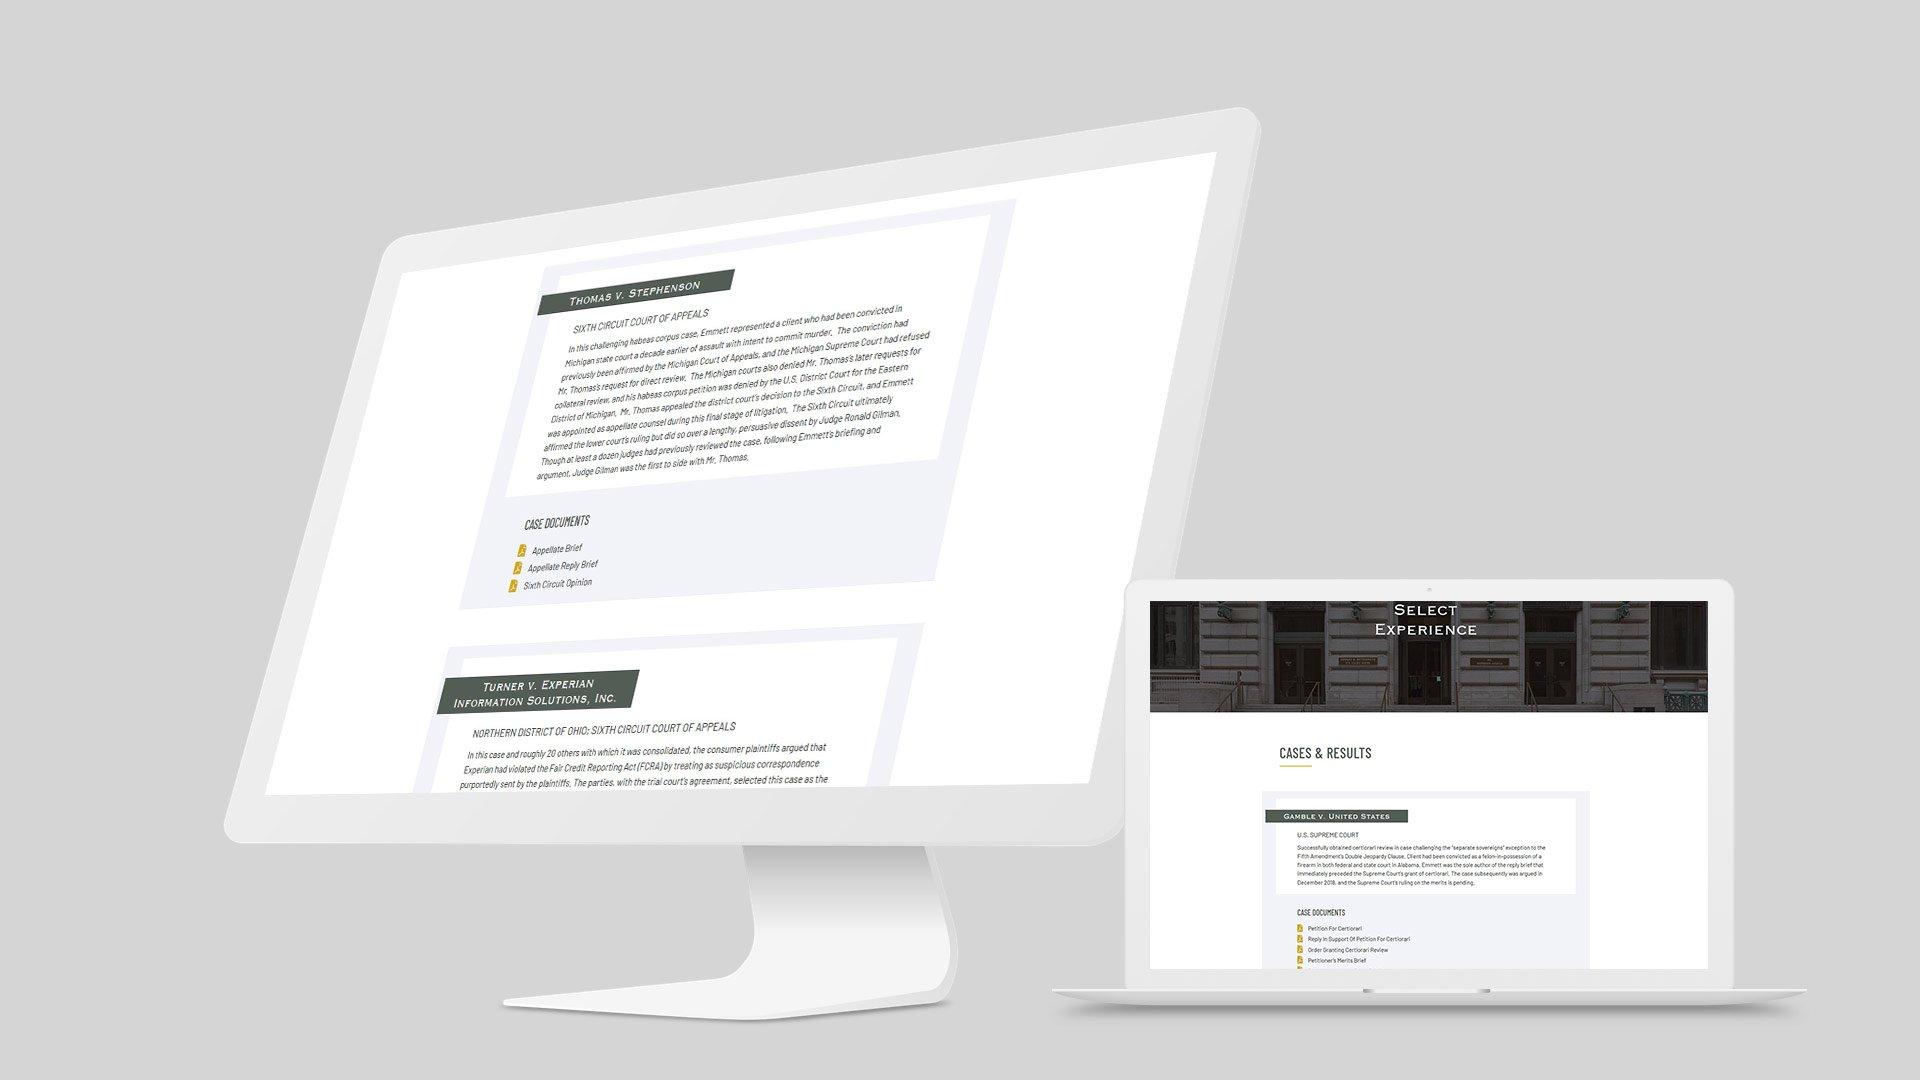 law firm website design mockup 4